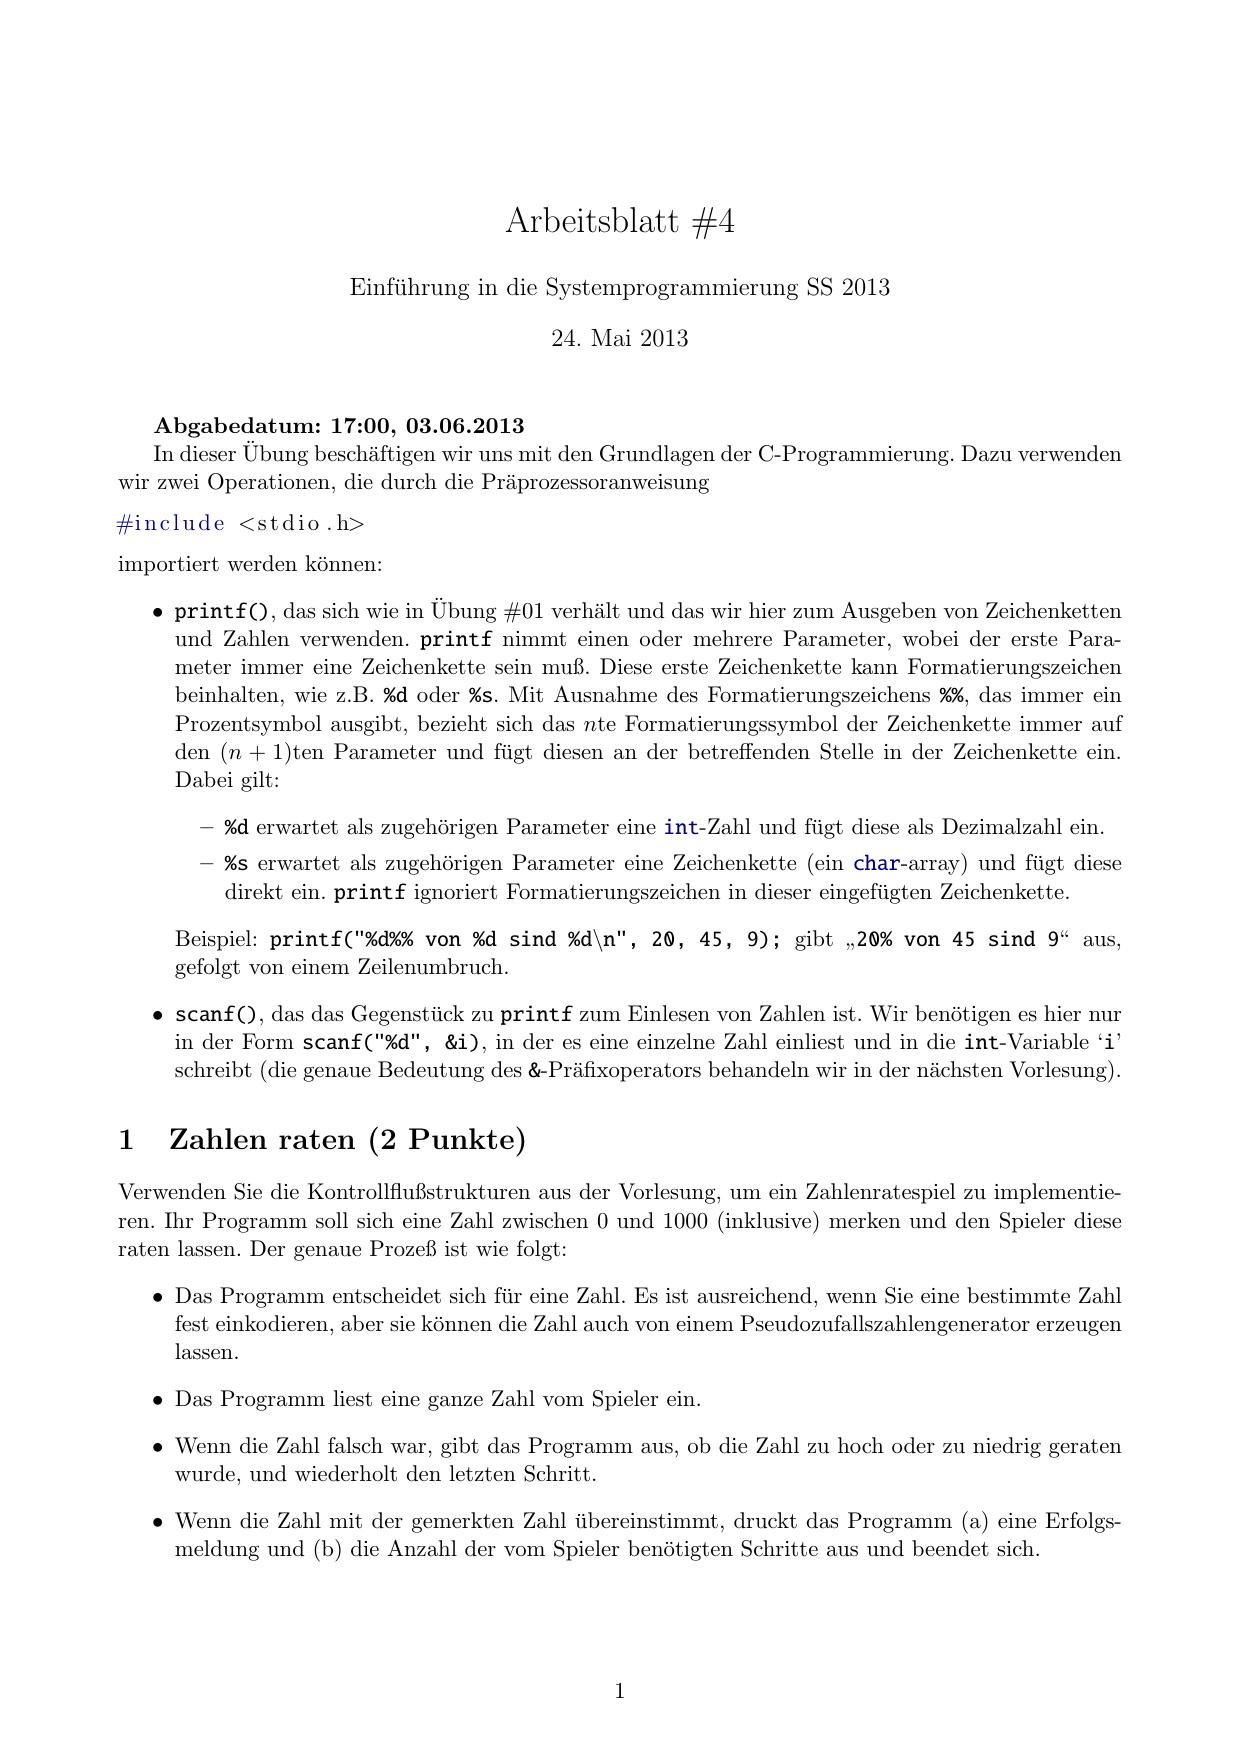 Groß Ãœberspringen Von 2 Arbeitsblätter Zählen Ideen - Mathe ...